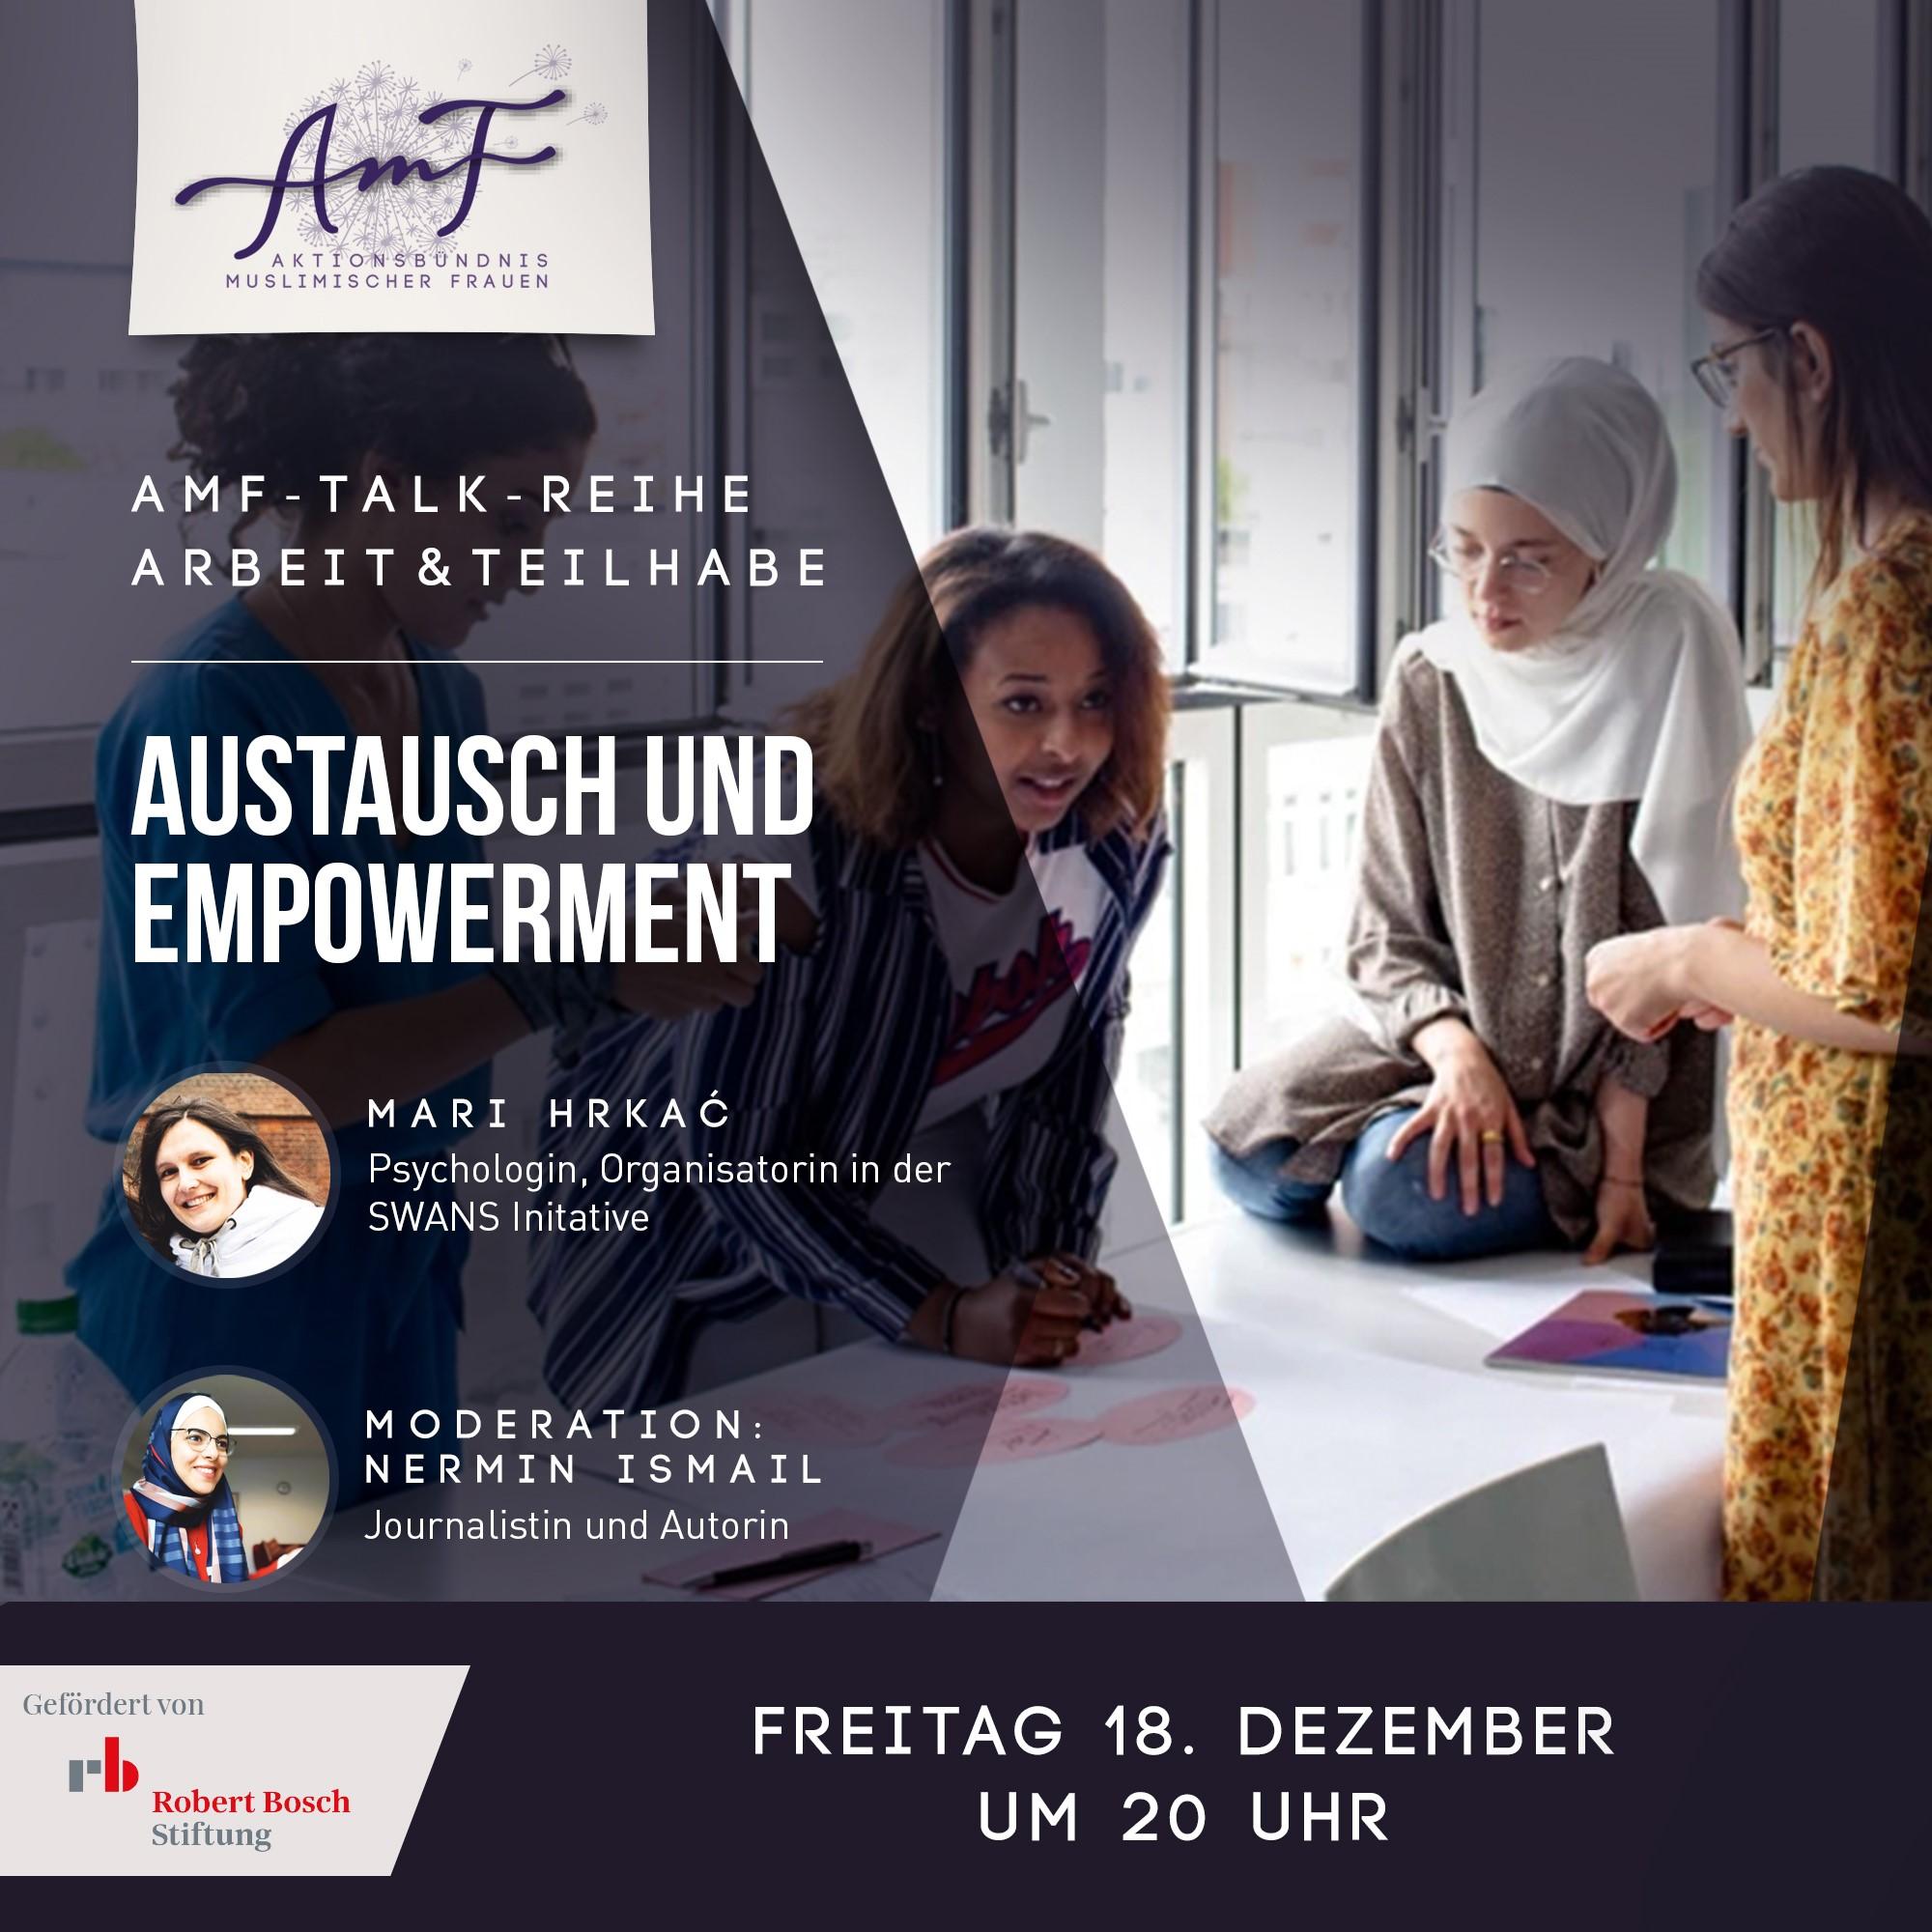 Austausch und Empowerment